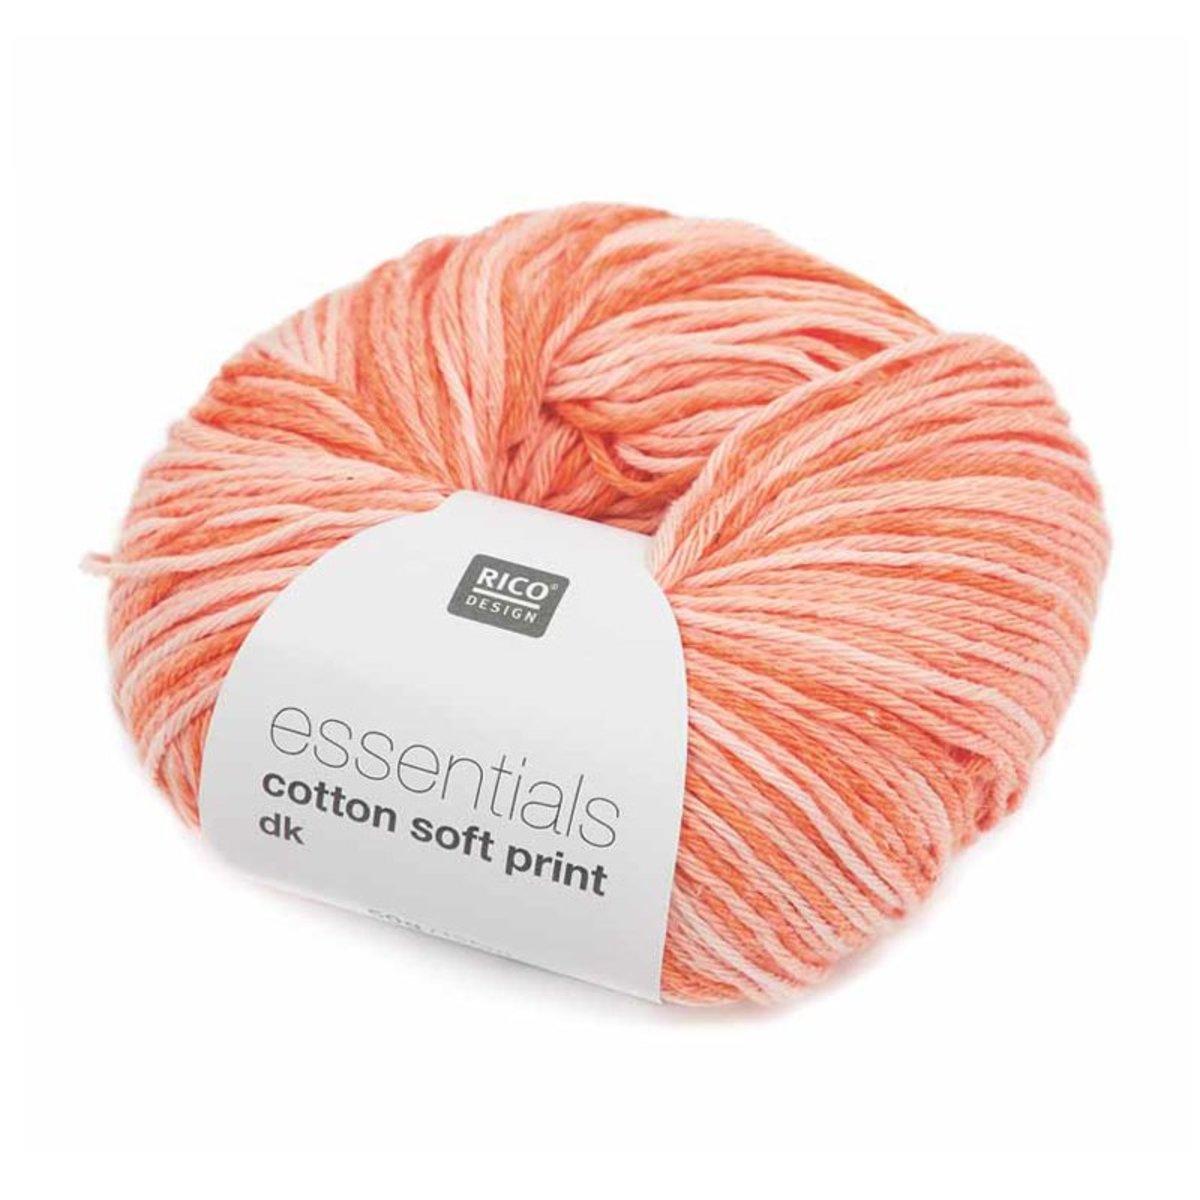 Bild 1 von Rico Design Essentials Cotton soft print dk 50g 125m